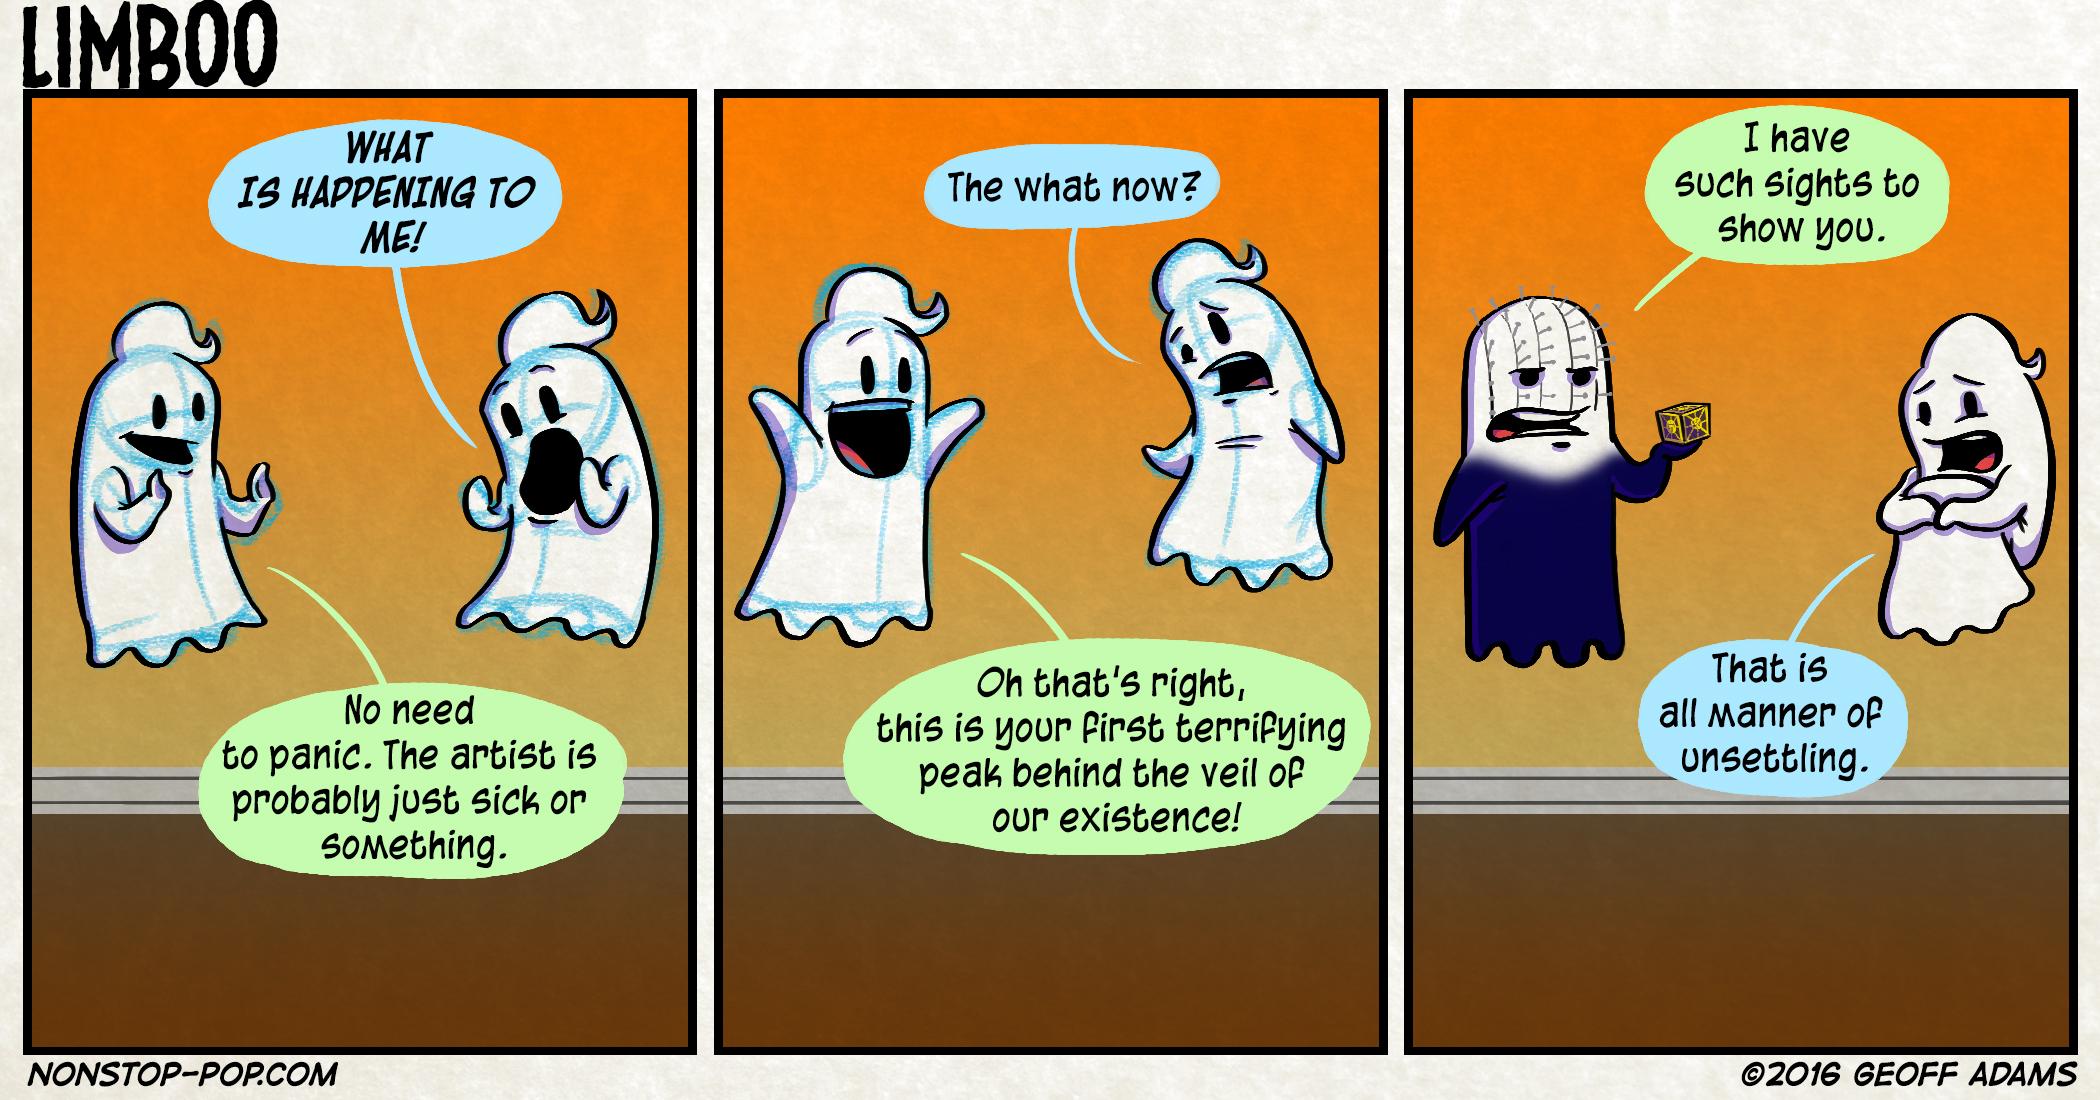 Beyond the veil.